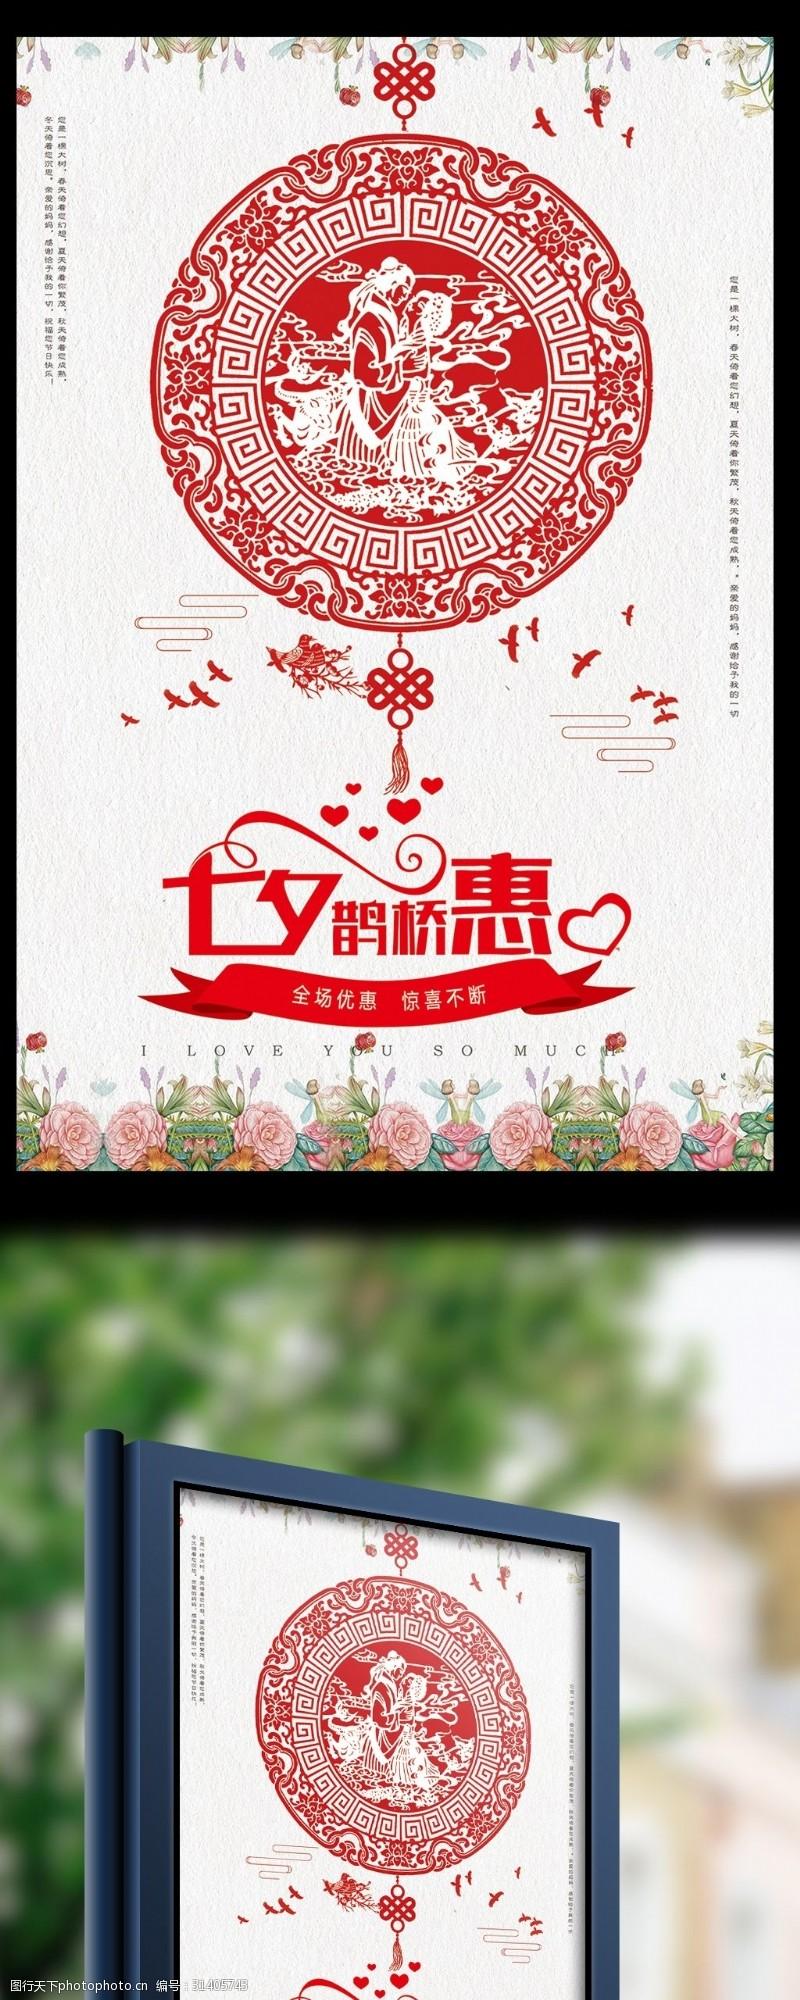 中國風剪紙風浪漫七夕宣傳海報